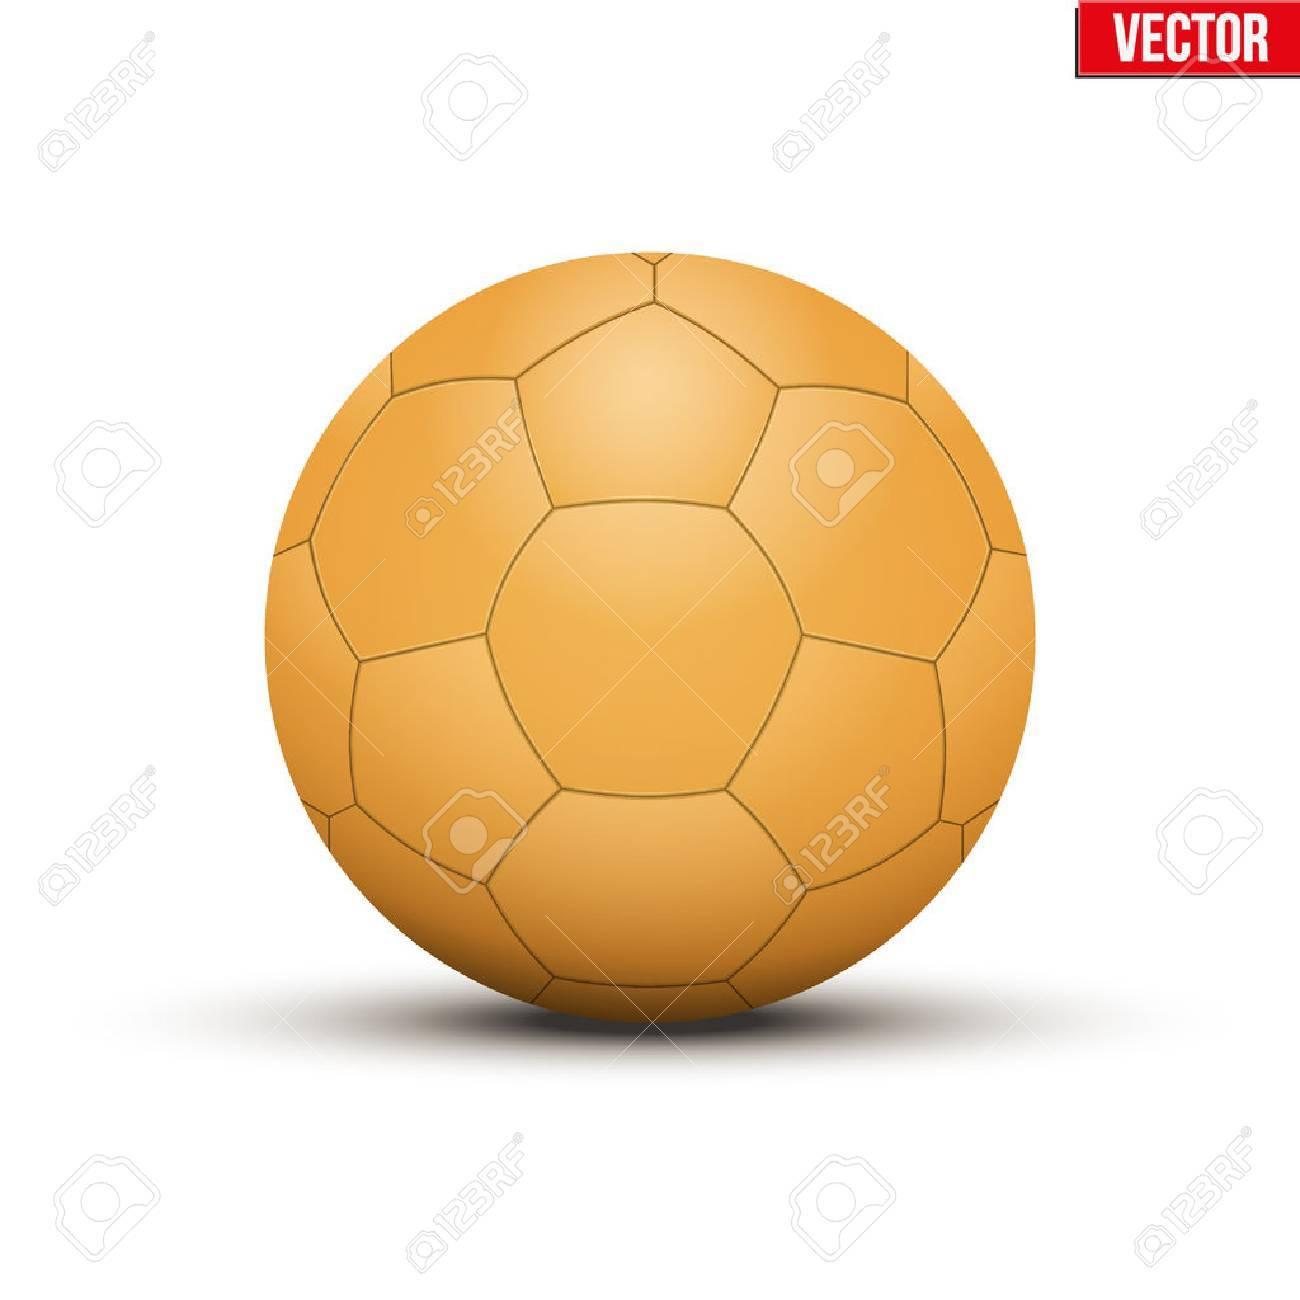 handball ball orange sportausrustung editierbare vektor illustration auf weissem hintergrund